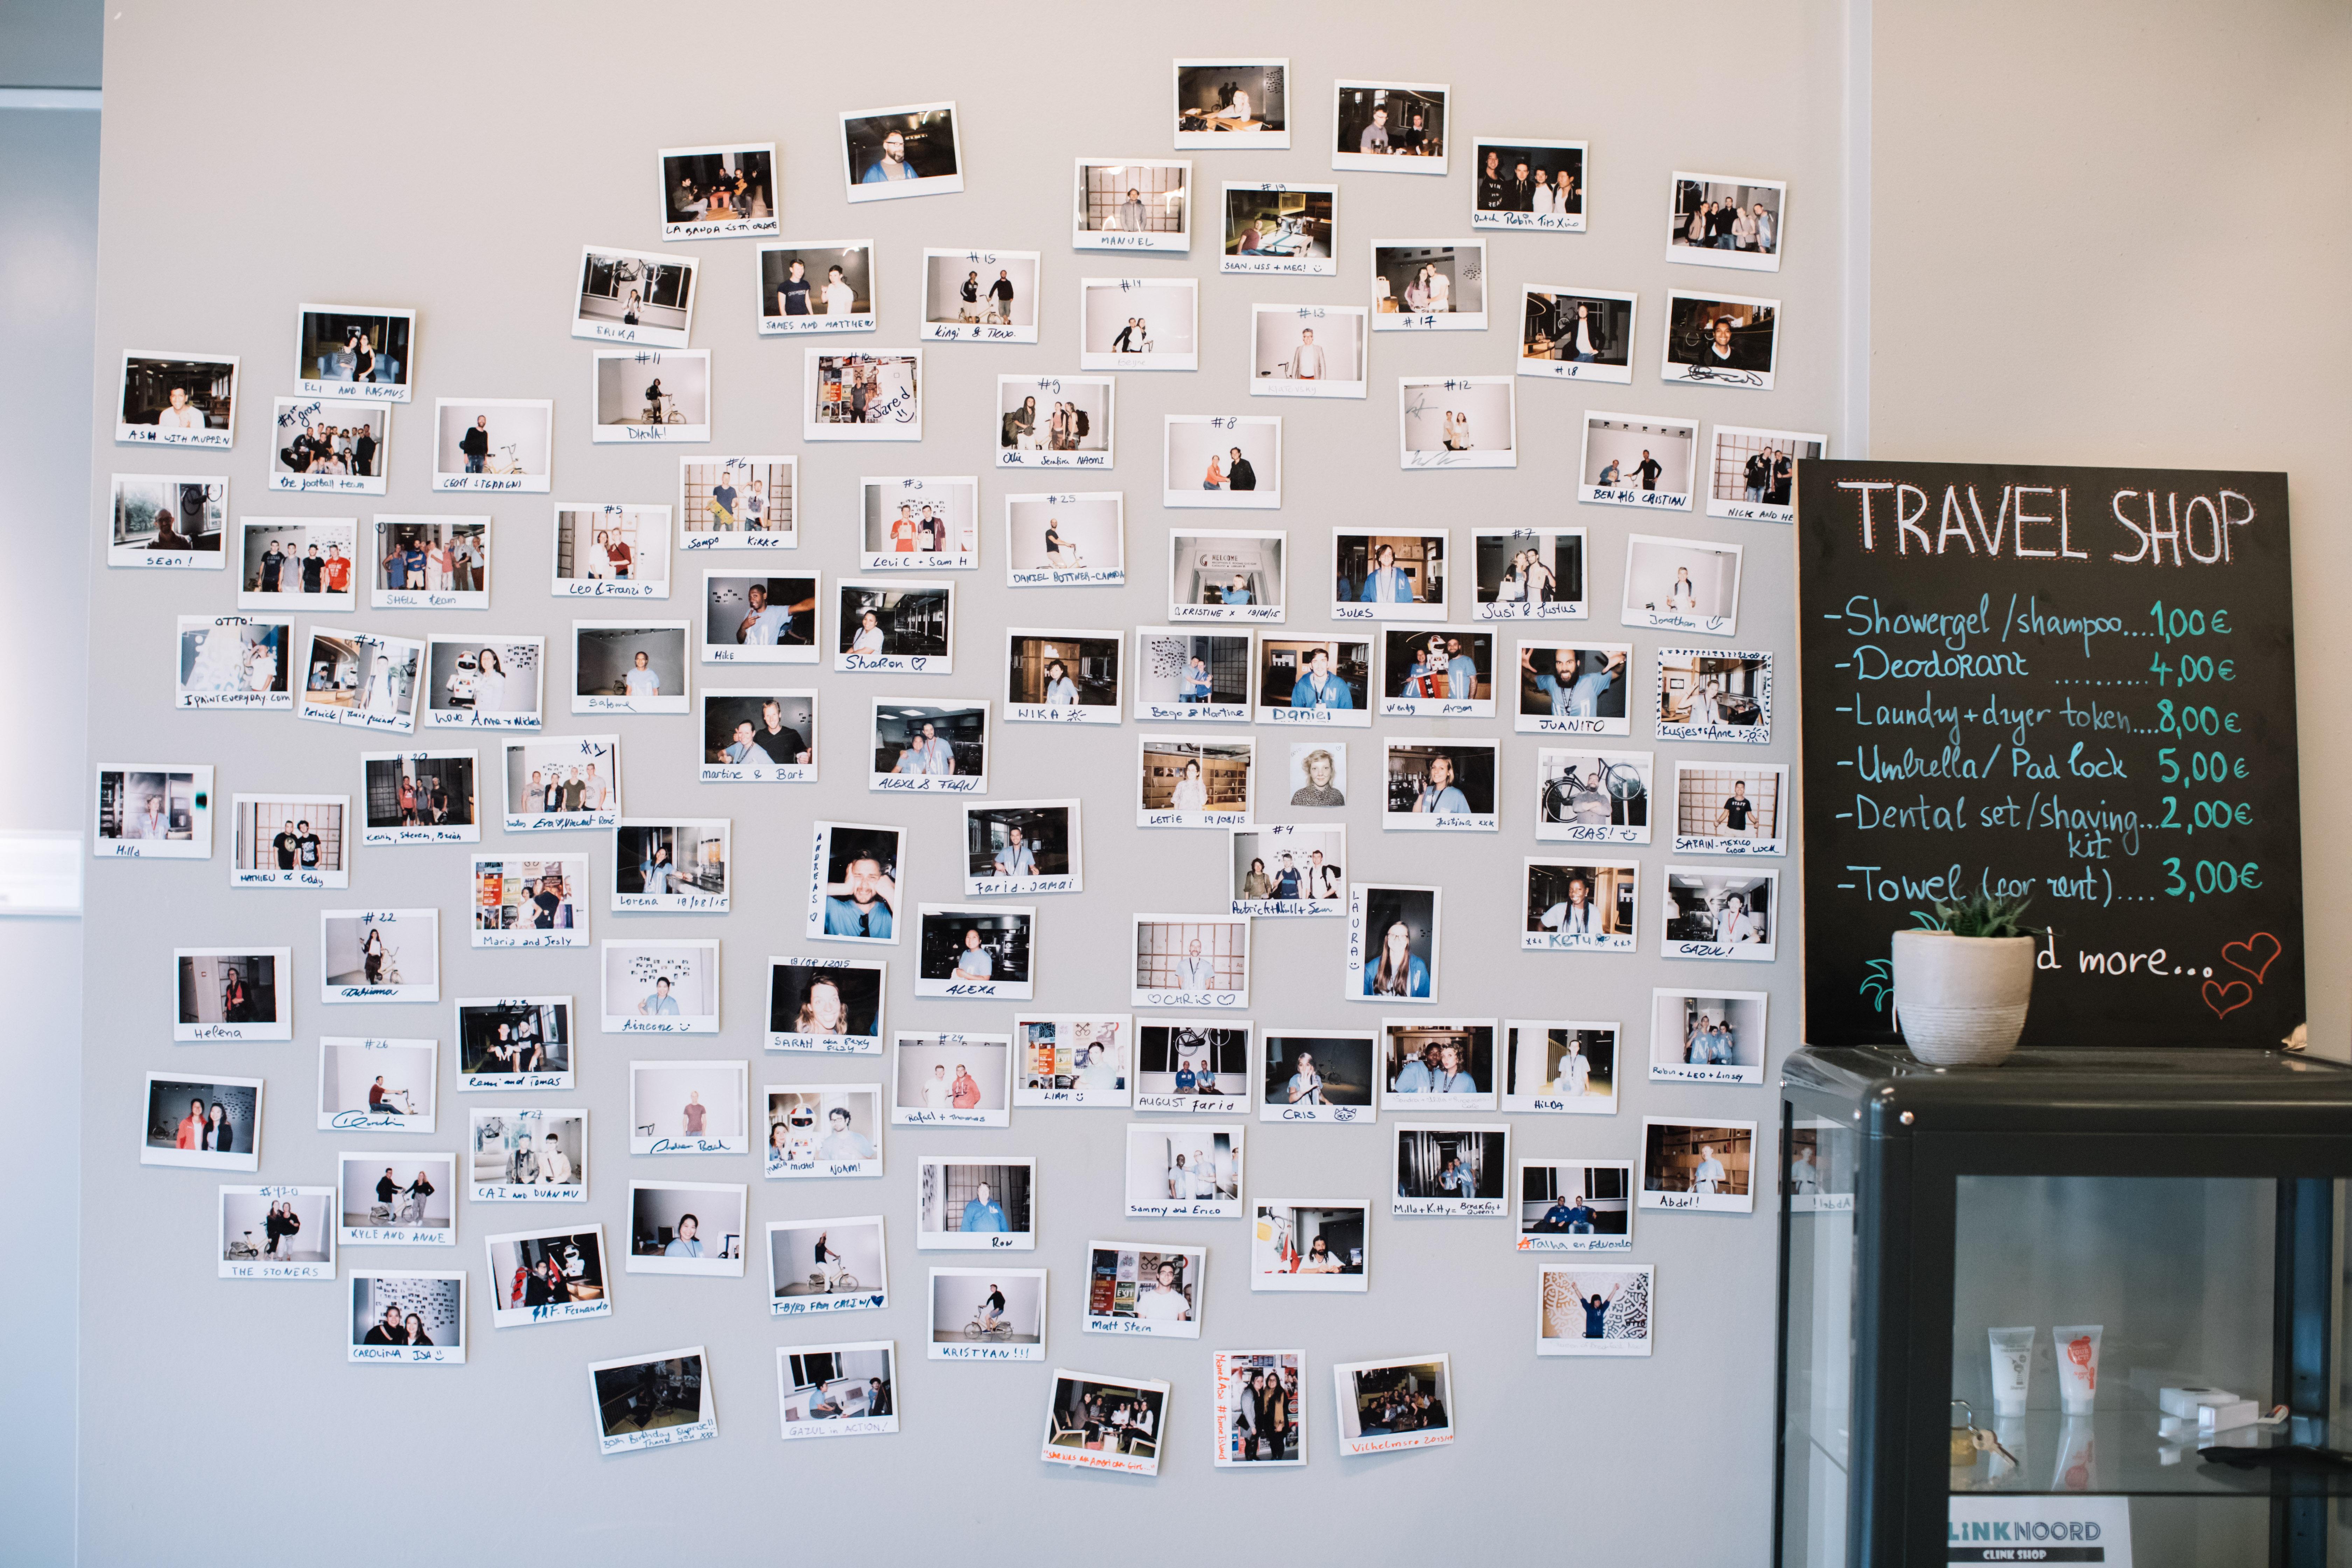 マスキングテープでアルバムや壁などを使って写真や思い出を素敵に